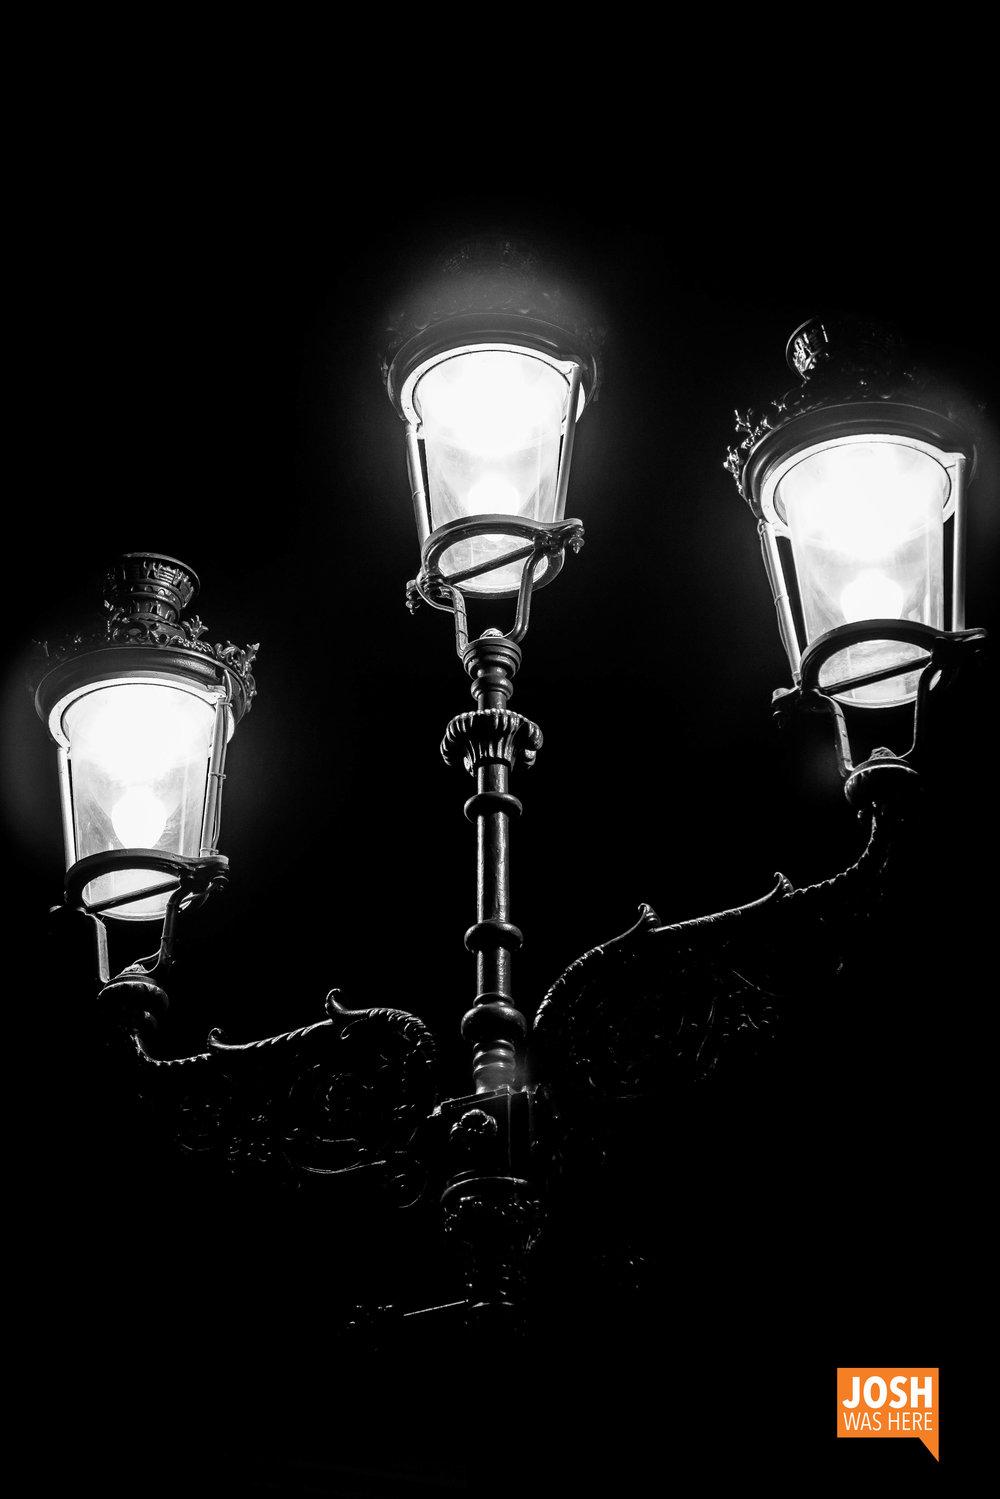 Portrait of a lamp